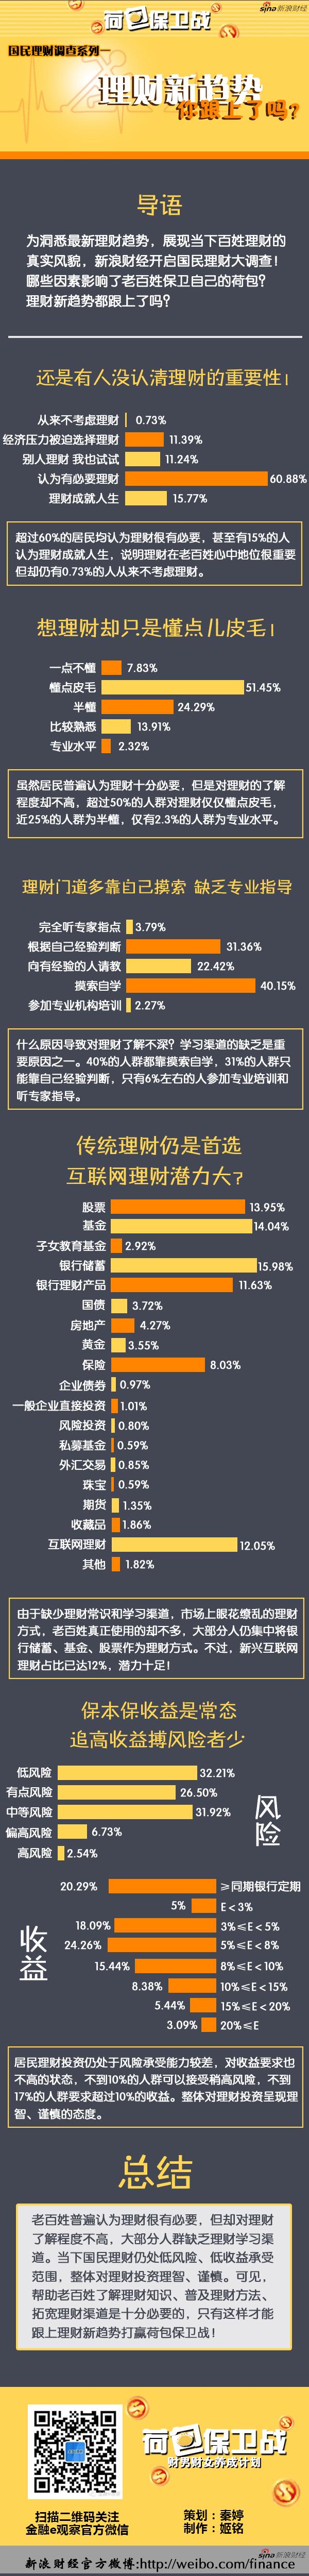 超过50%的人对股票收益只懂点皮毛